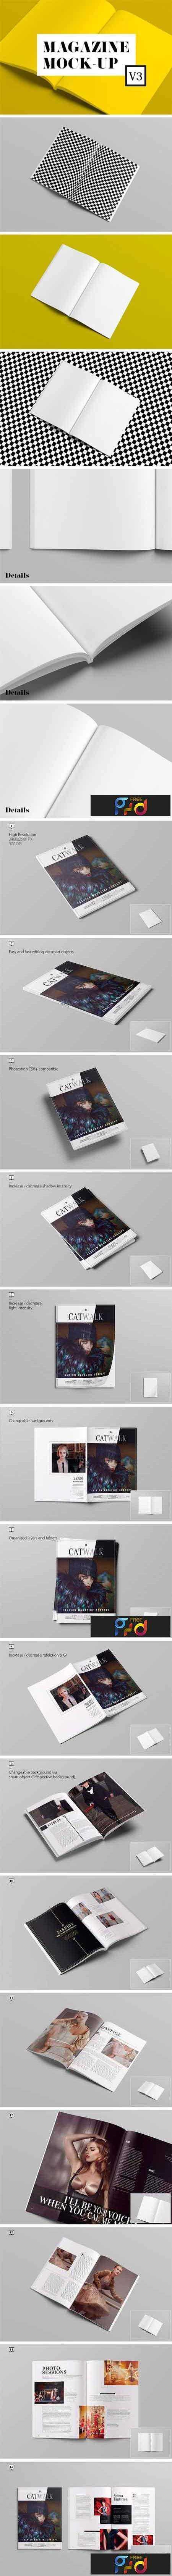 1708075 Magazine Mock-Up V3 2013654 1